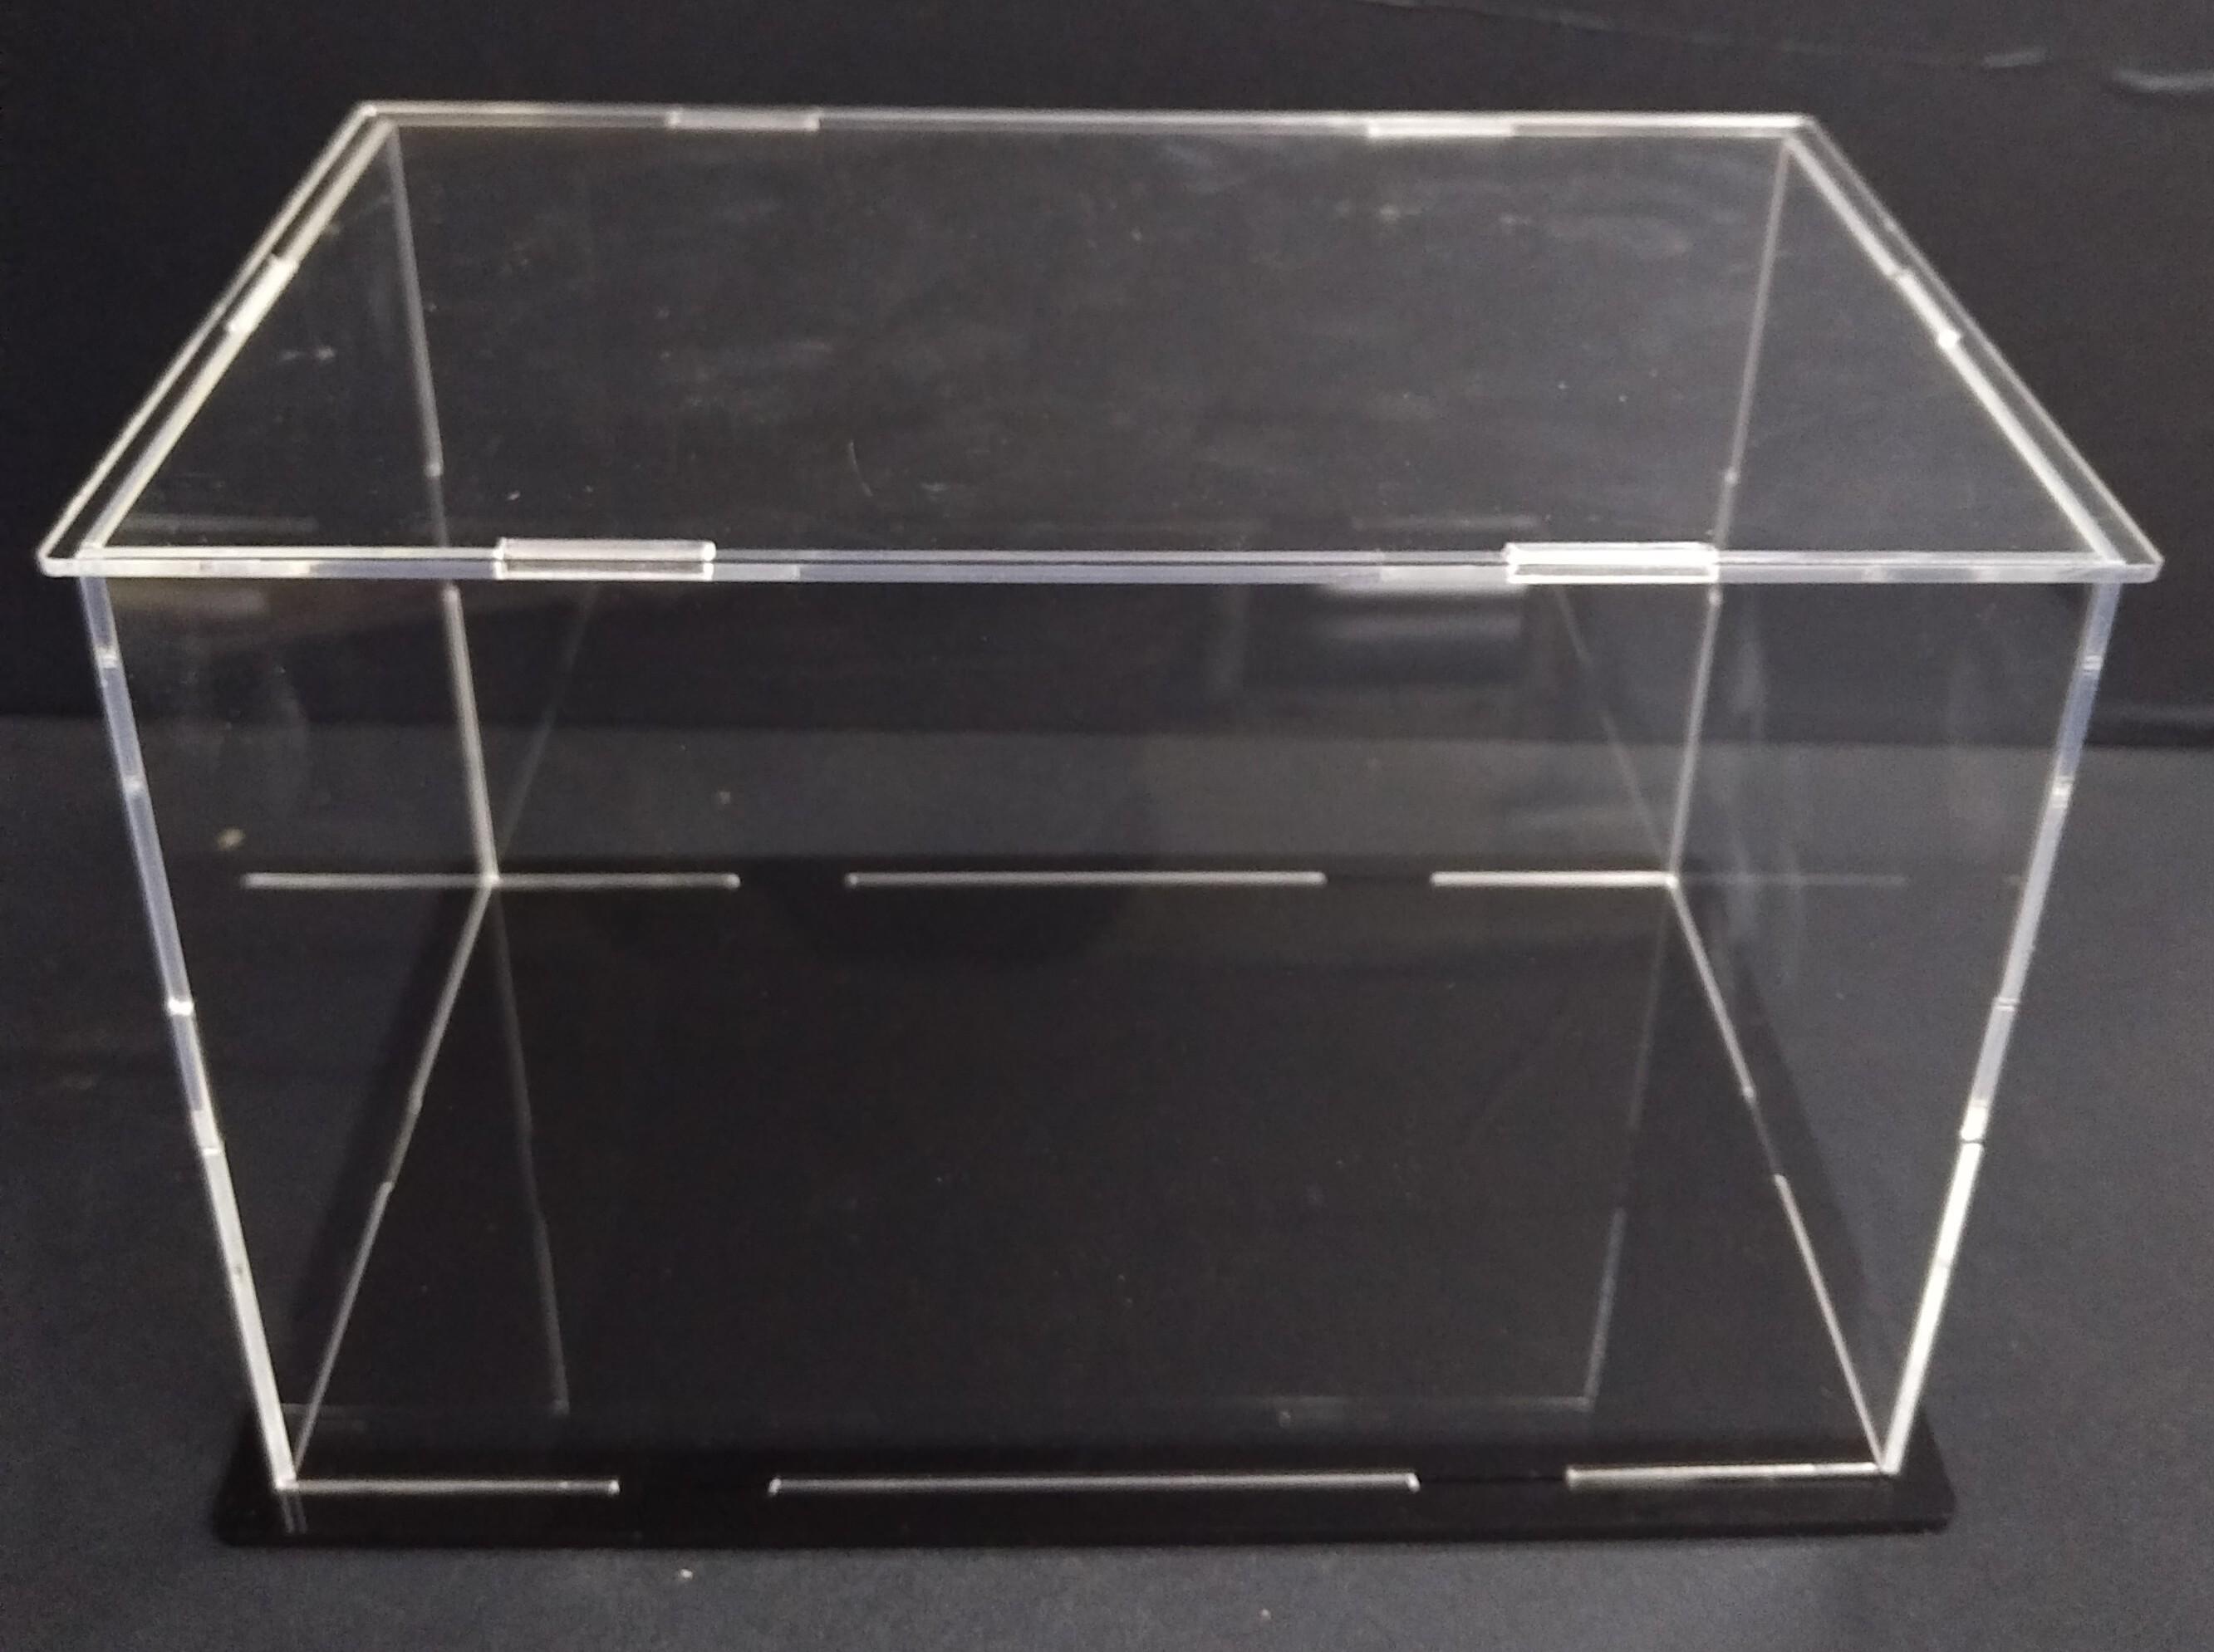 Hộp trưng bày 35x13x18cm mica trong bày mô hình dạng lắp ghép